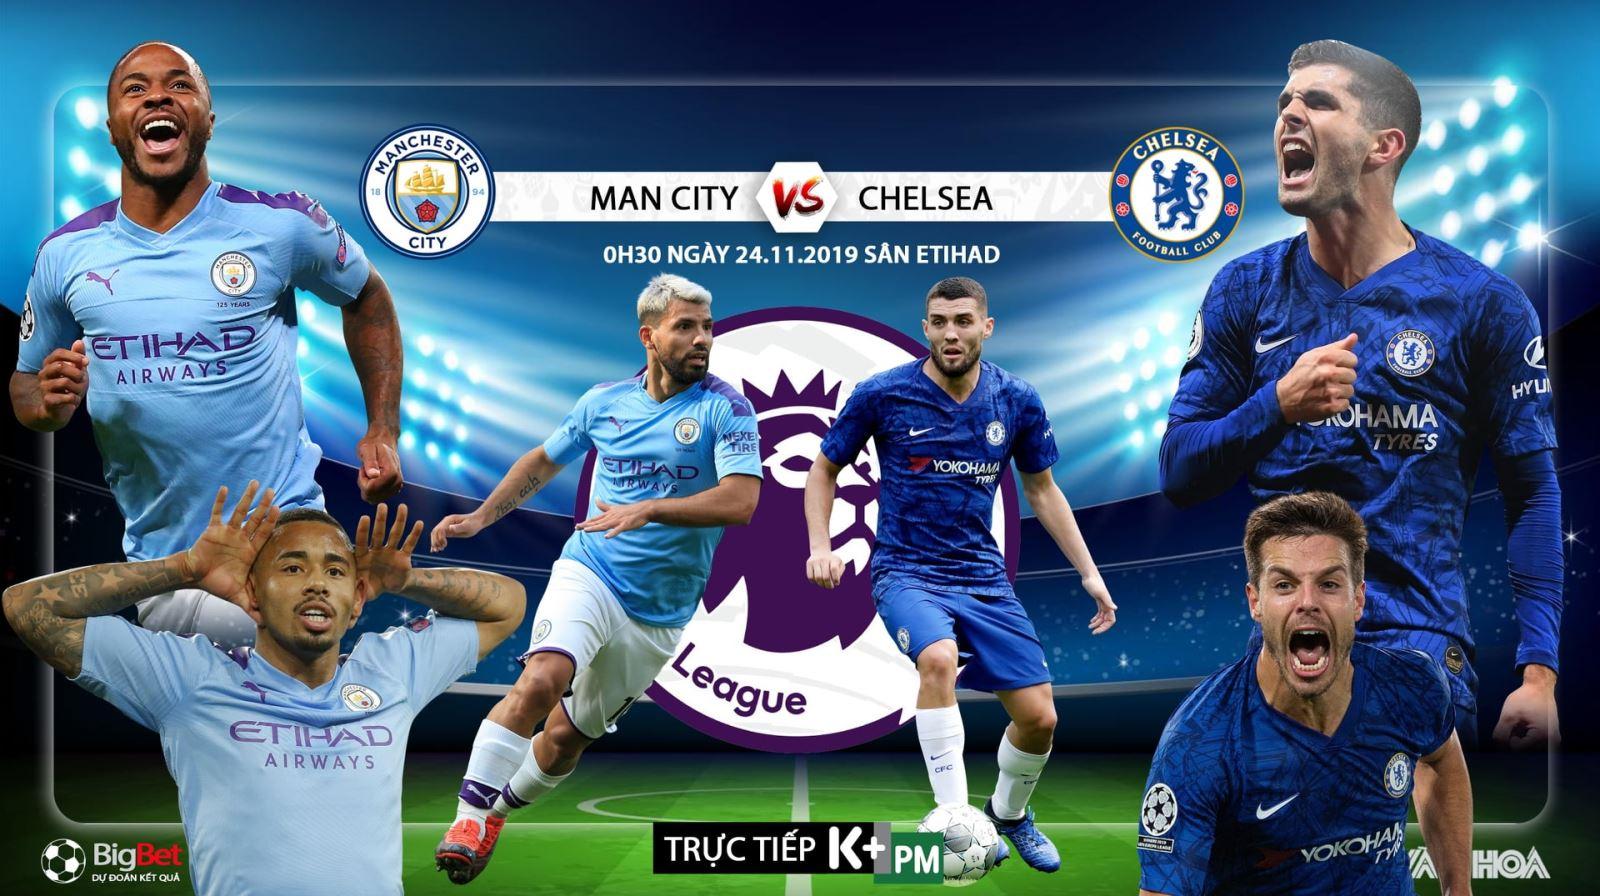 Soi kèo Chelsea đấu với Man City. Trực tiếp bóng đá. K+, K+PM trực tiếp Chelsea vs Man City